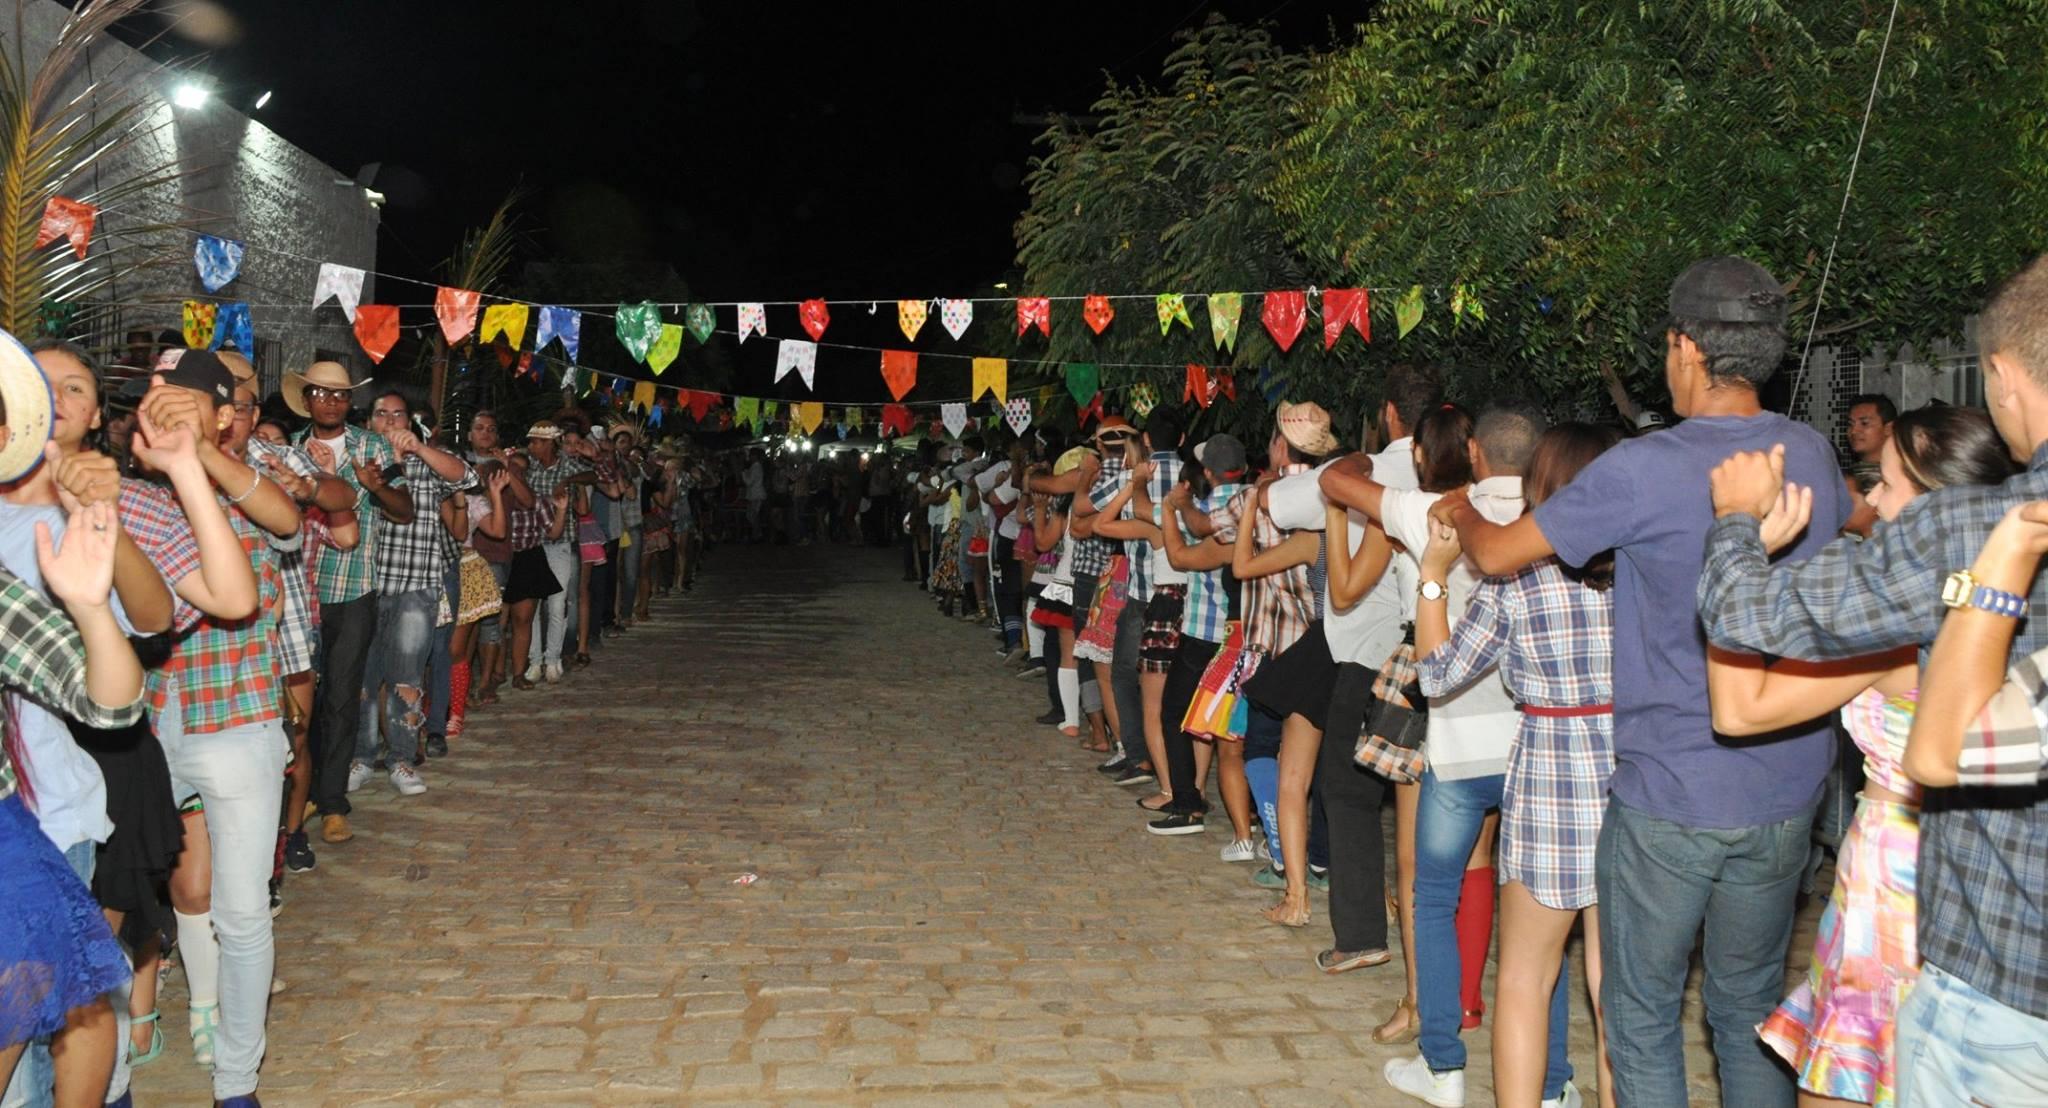 19144152_1899325723673951_7957048826676829055_o-1024x554 OPIPOCO mostra como foi a Segunda noite do festival de quadrilhas em Monteiro. Confira Imagens